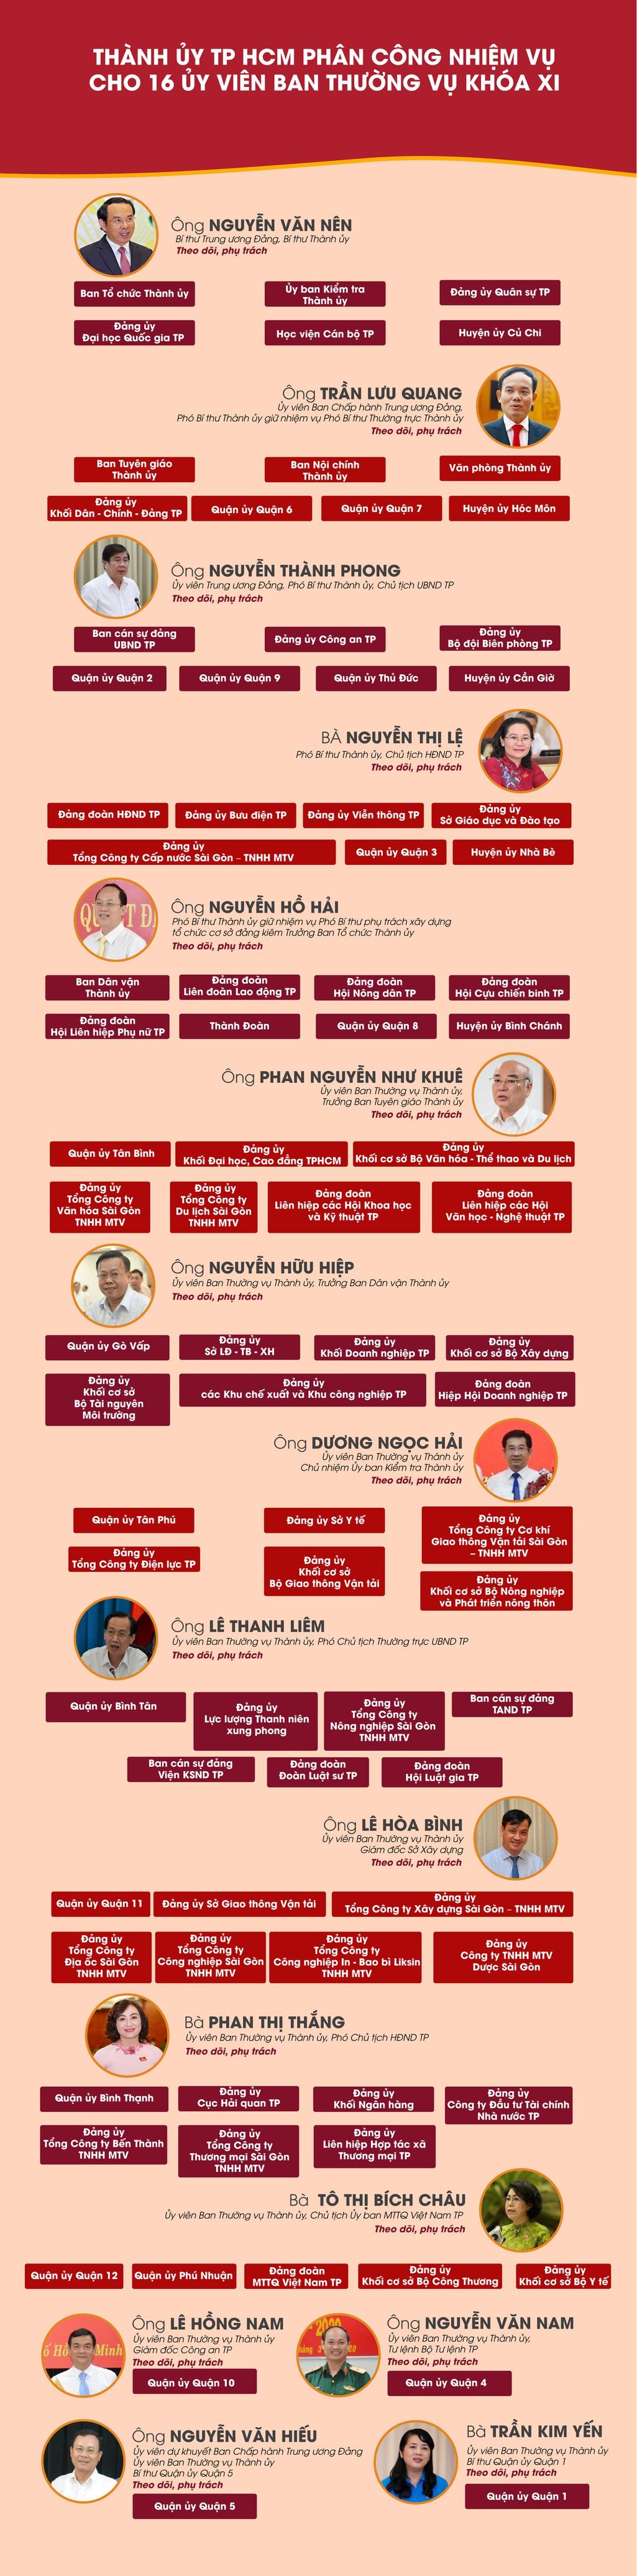 [Infographic] Nhiệm vụ cụ thể của 16 Ủy viên Ban Thường vụ Thành ủy TP HCM khóa XI - Ảnh 1.